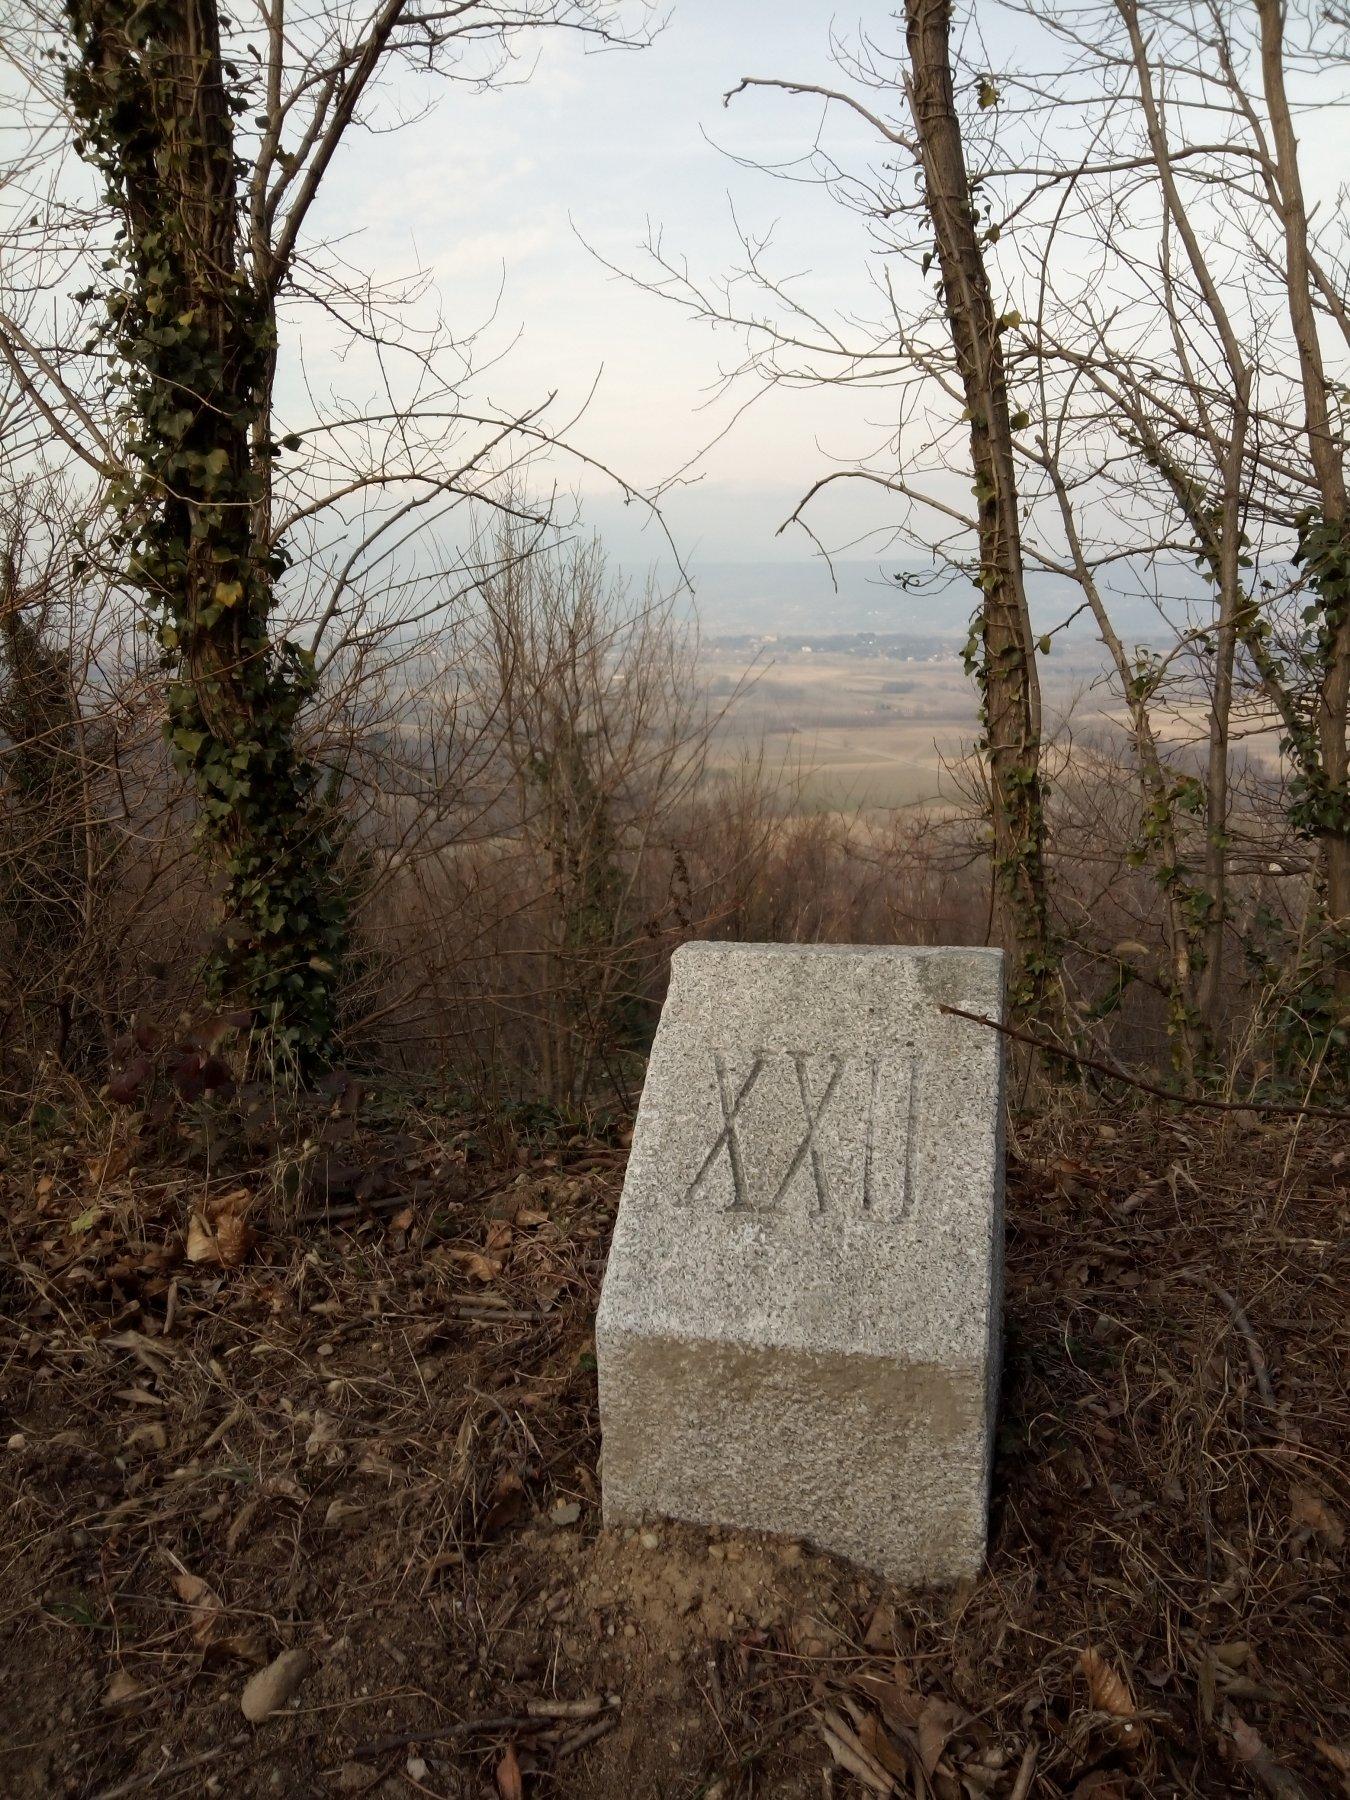 la pietra che indica l'ultimo giro